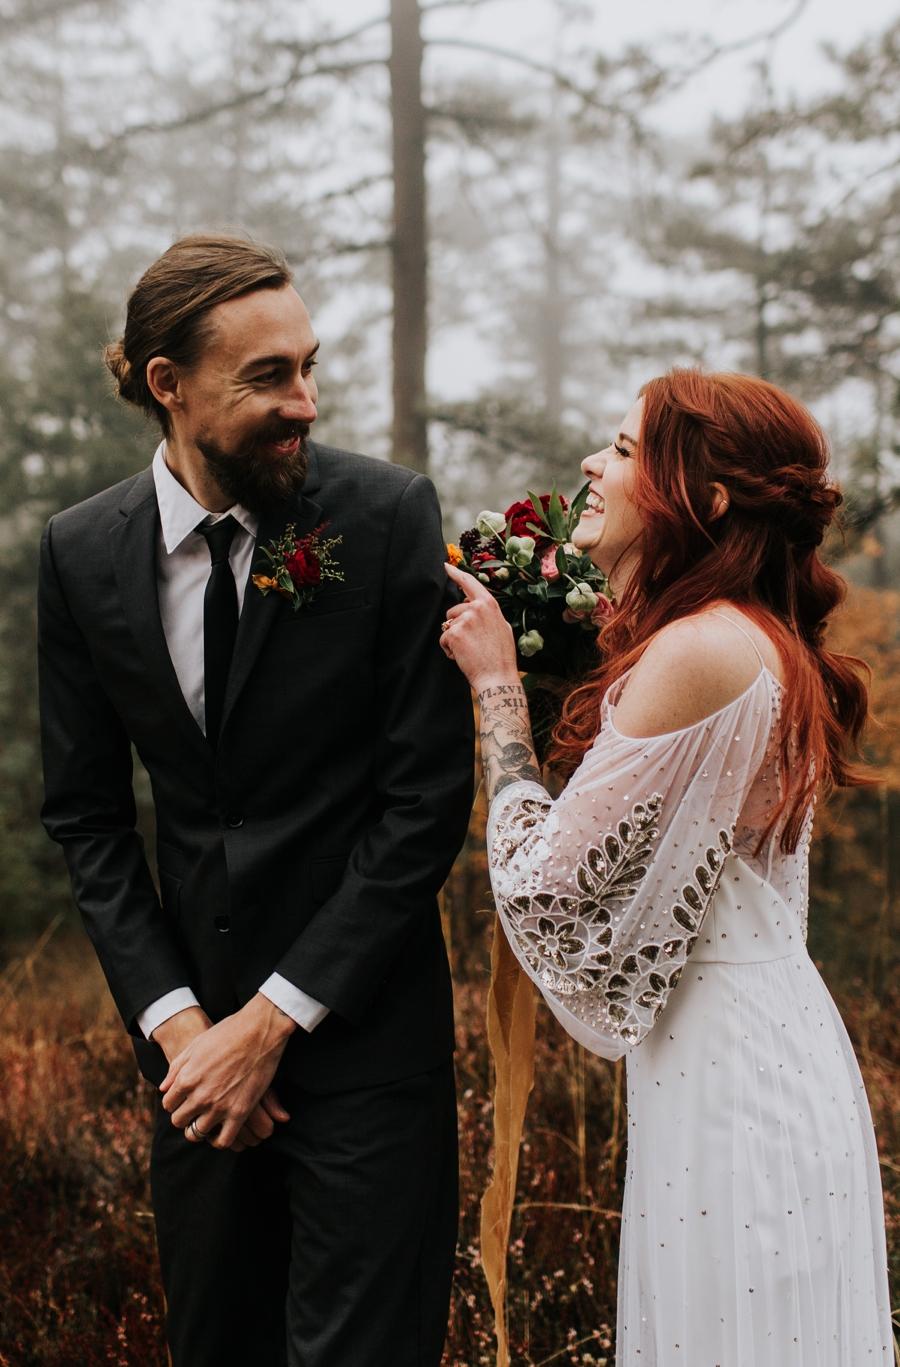 Herfst bruiloft bruidspaar